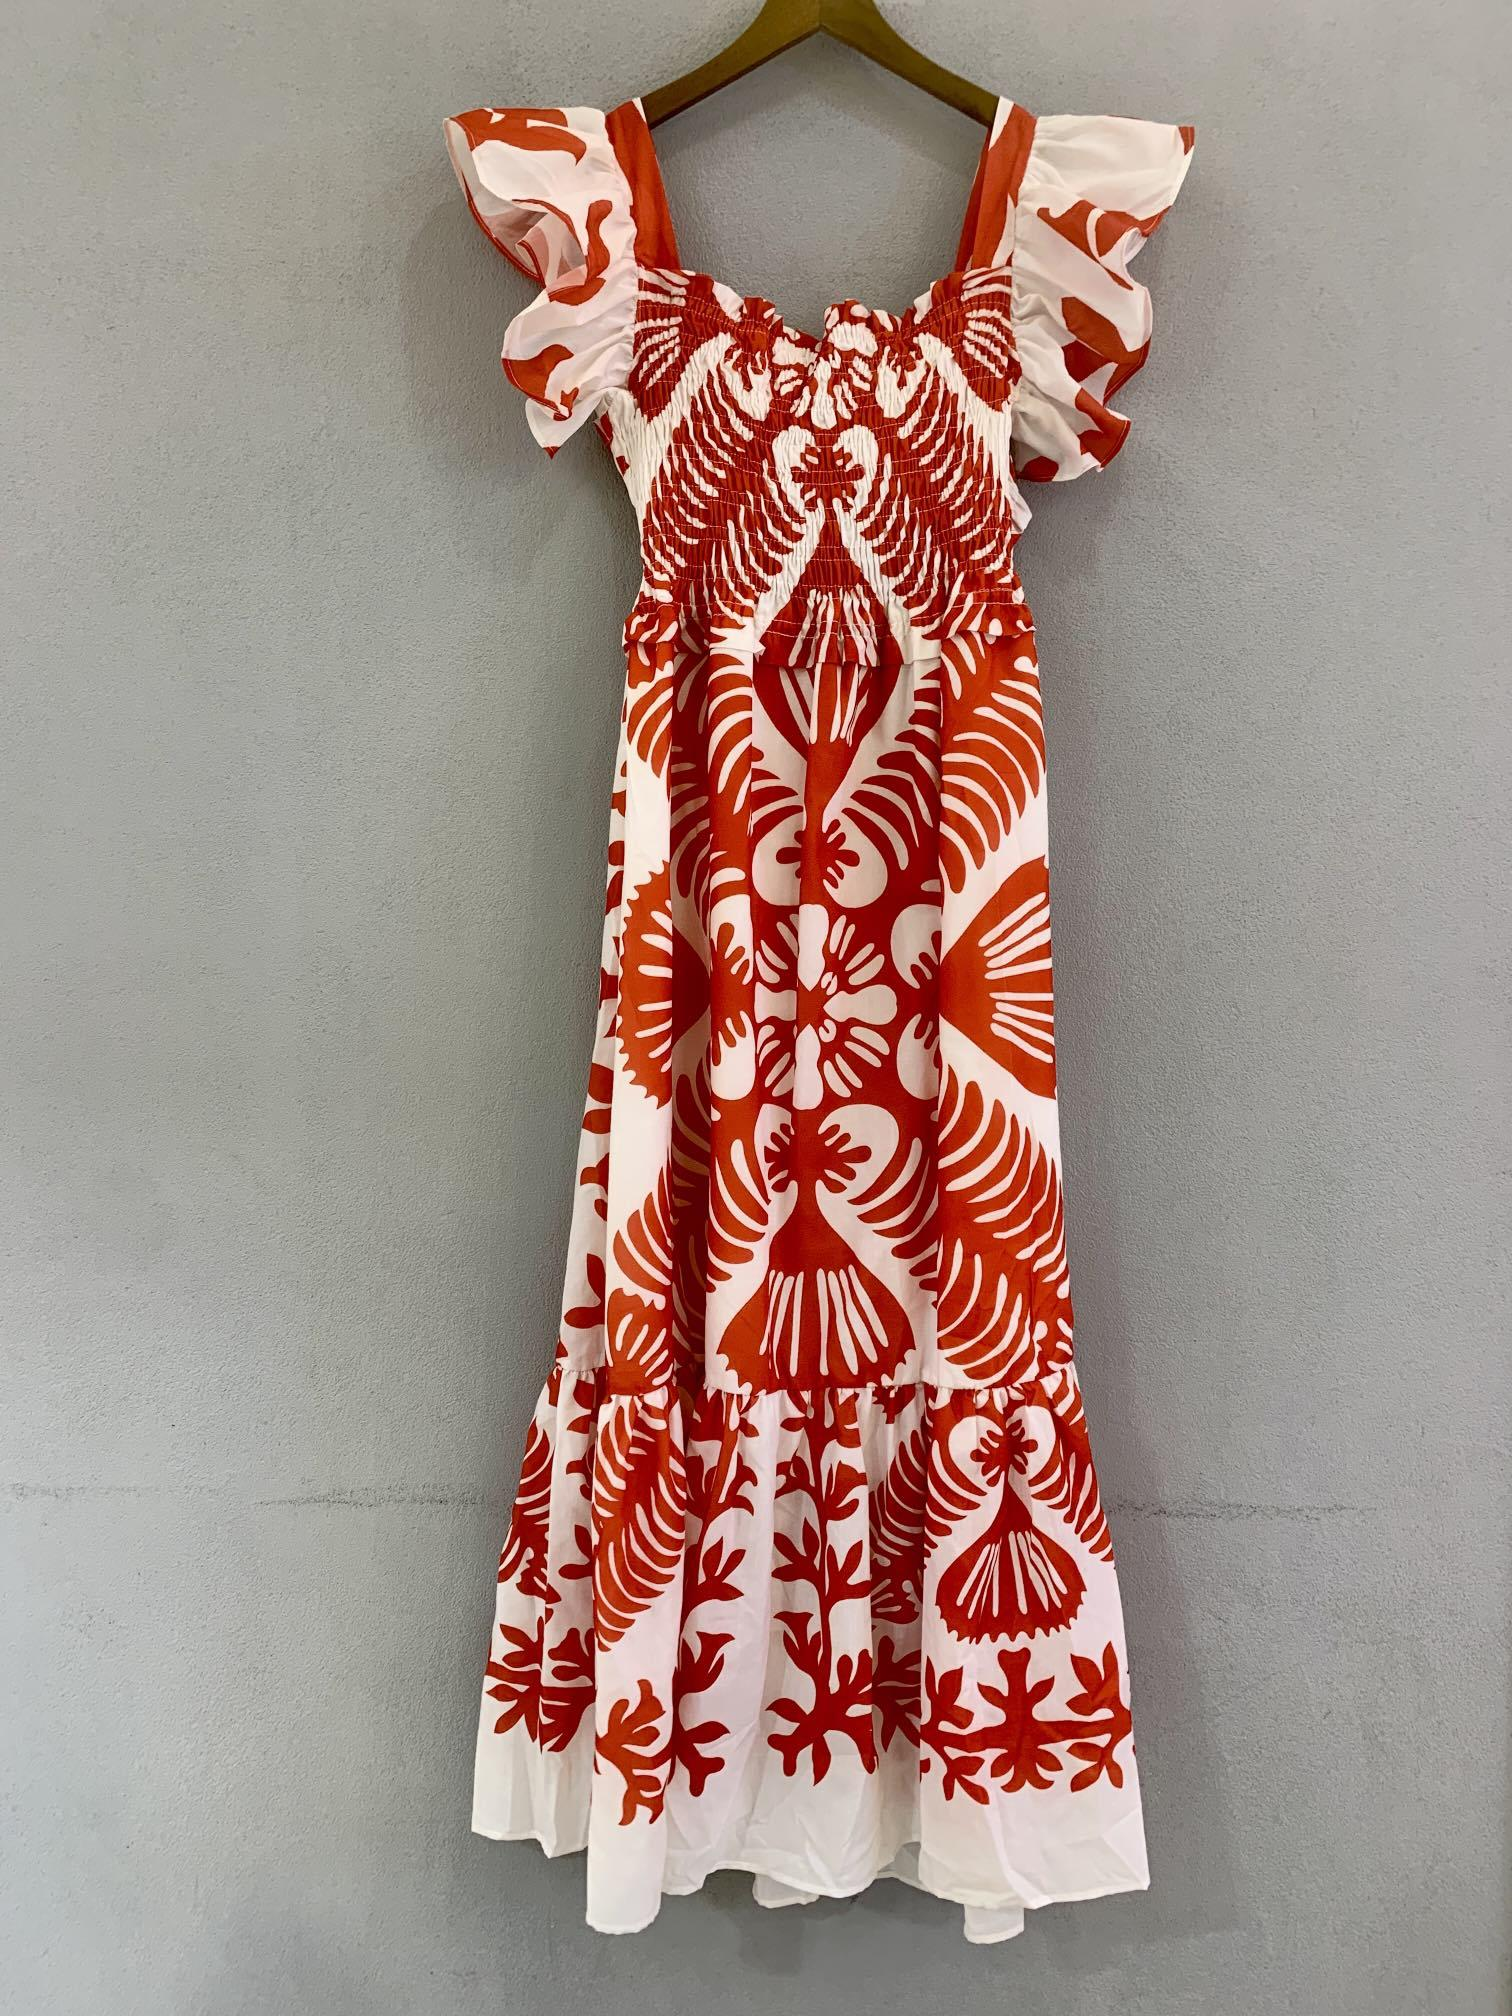 2021 Moda de verano Impresión Mosca de mosca Cuello Cuadrado Vestido de columpio